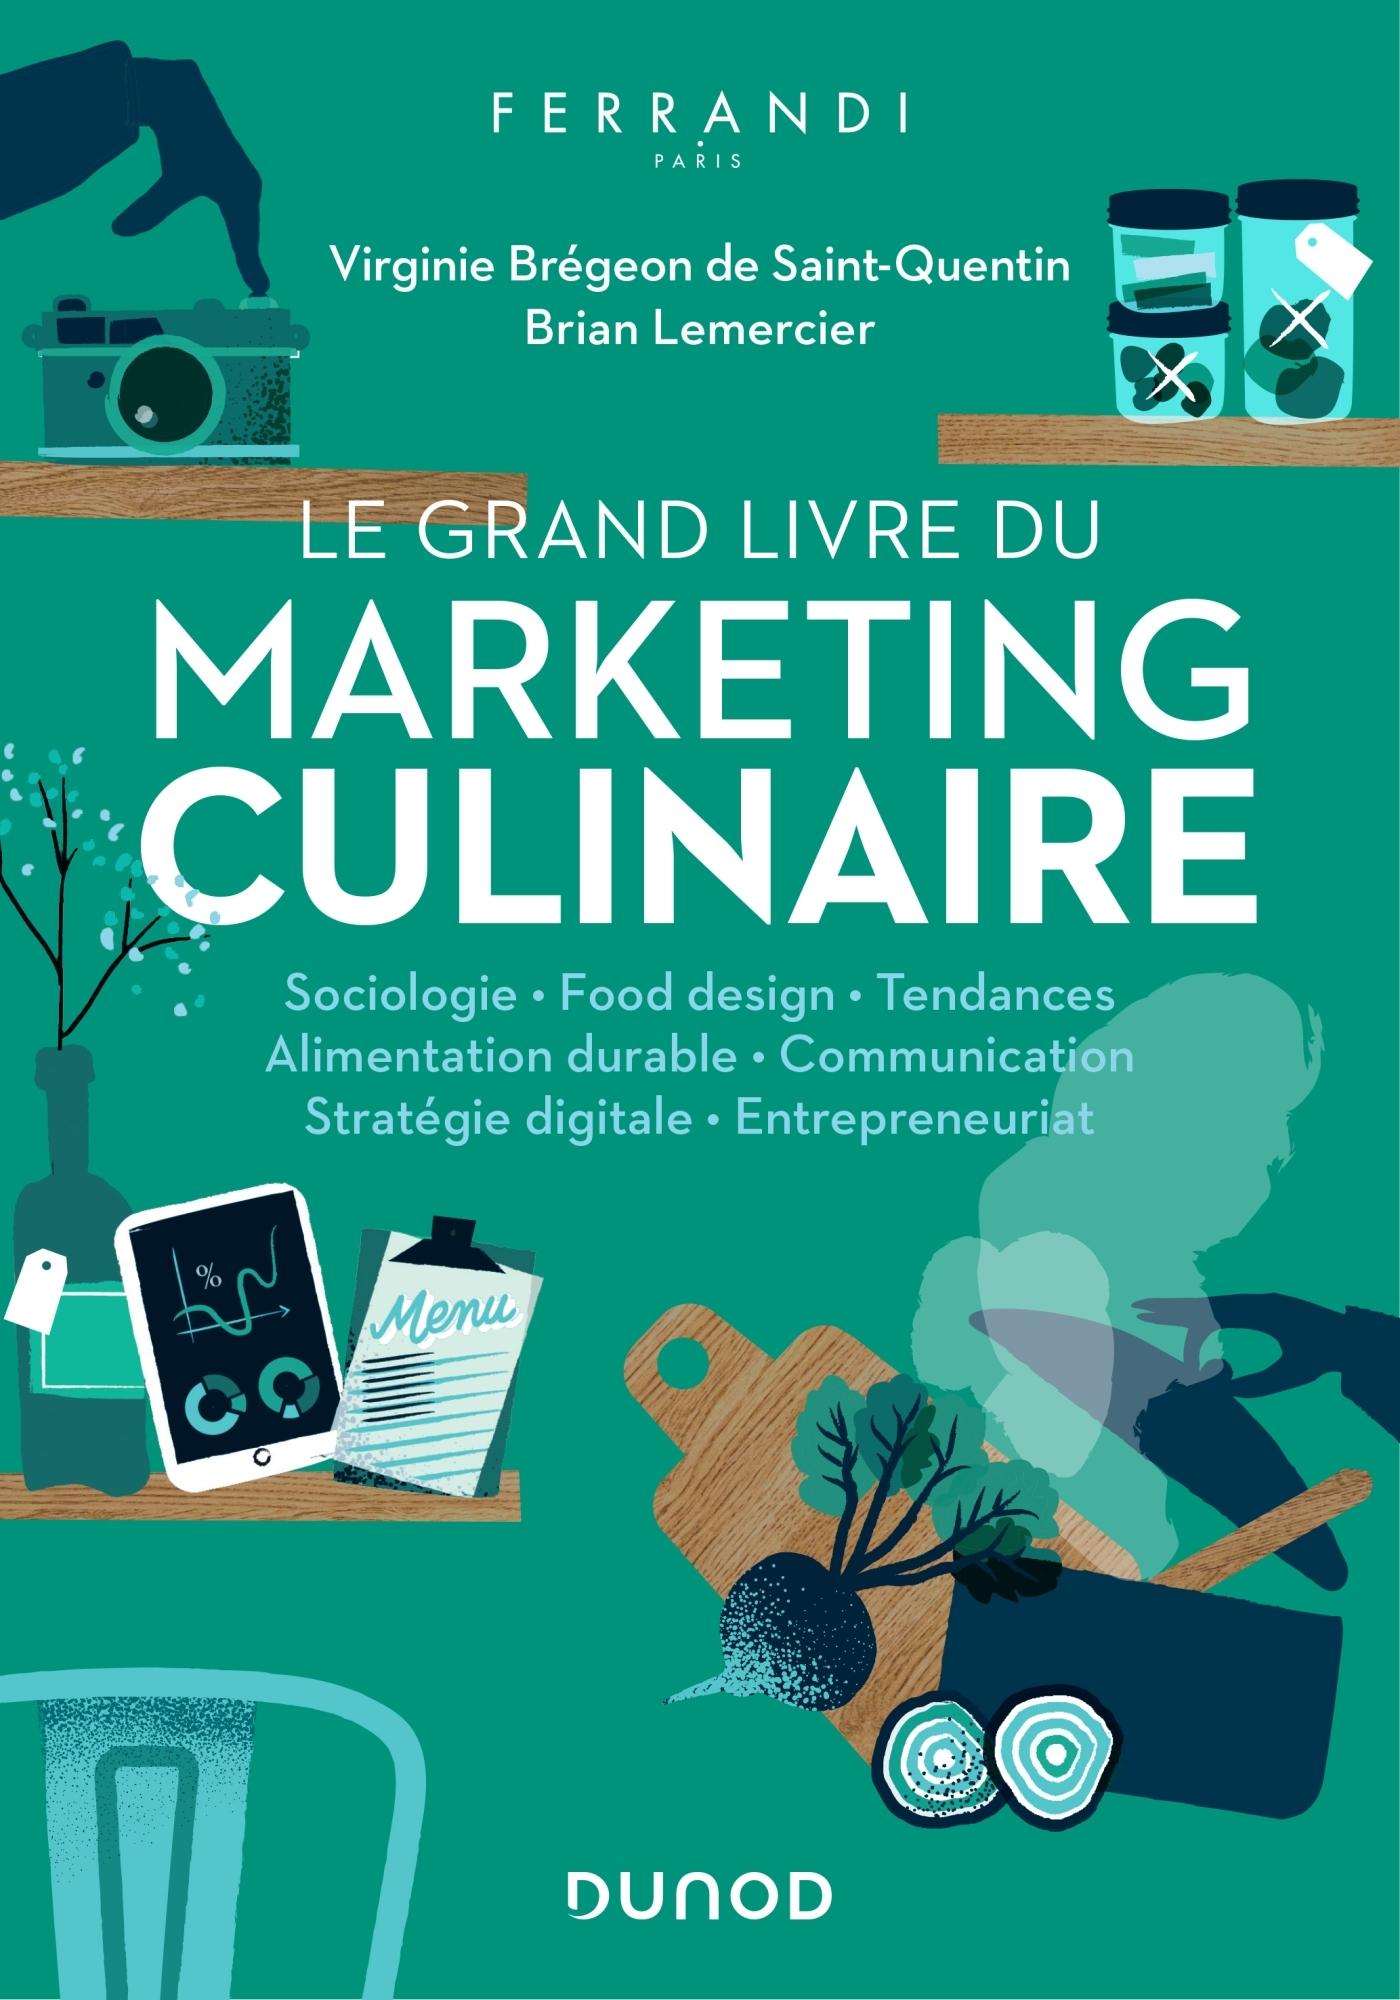 Le Grand Livre Du Marketing Culinaire Livre Et Ebook Marketing Communication De Virginie Bregeon De Saint Quentin Dunod